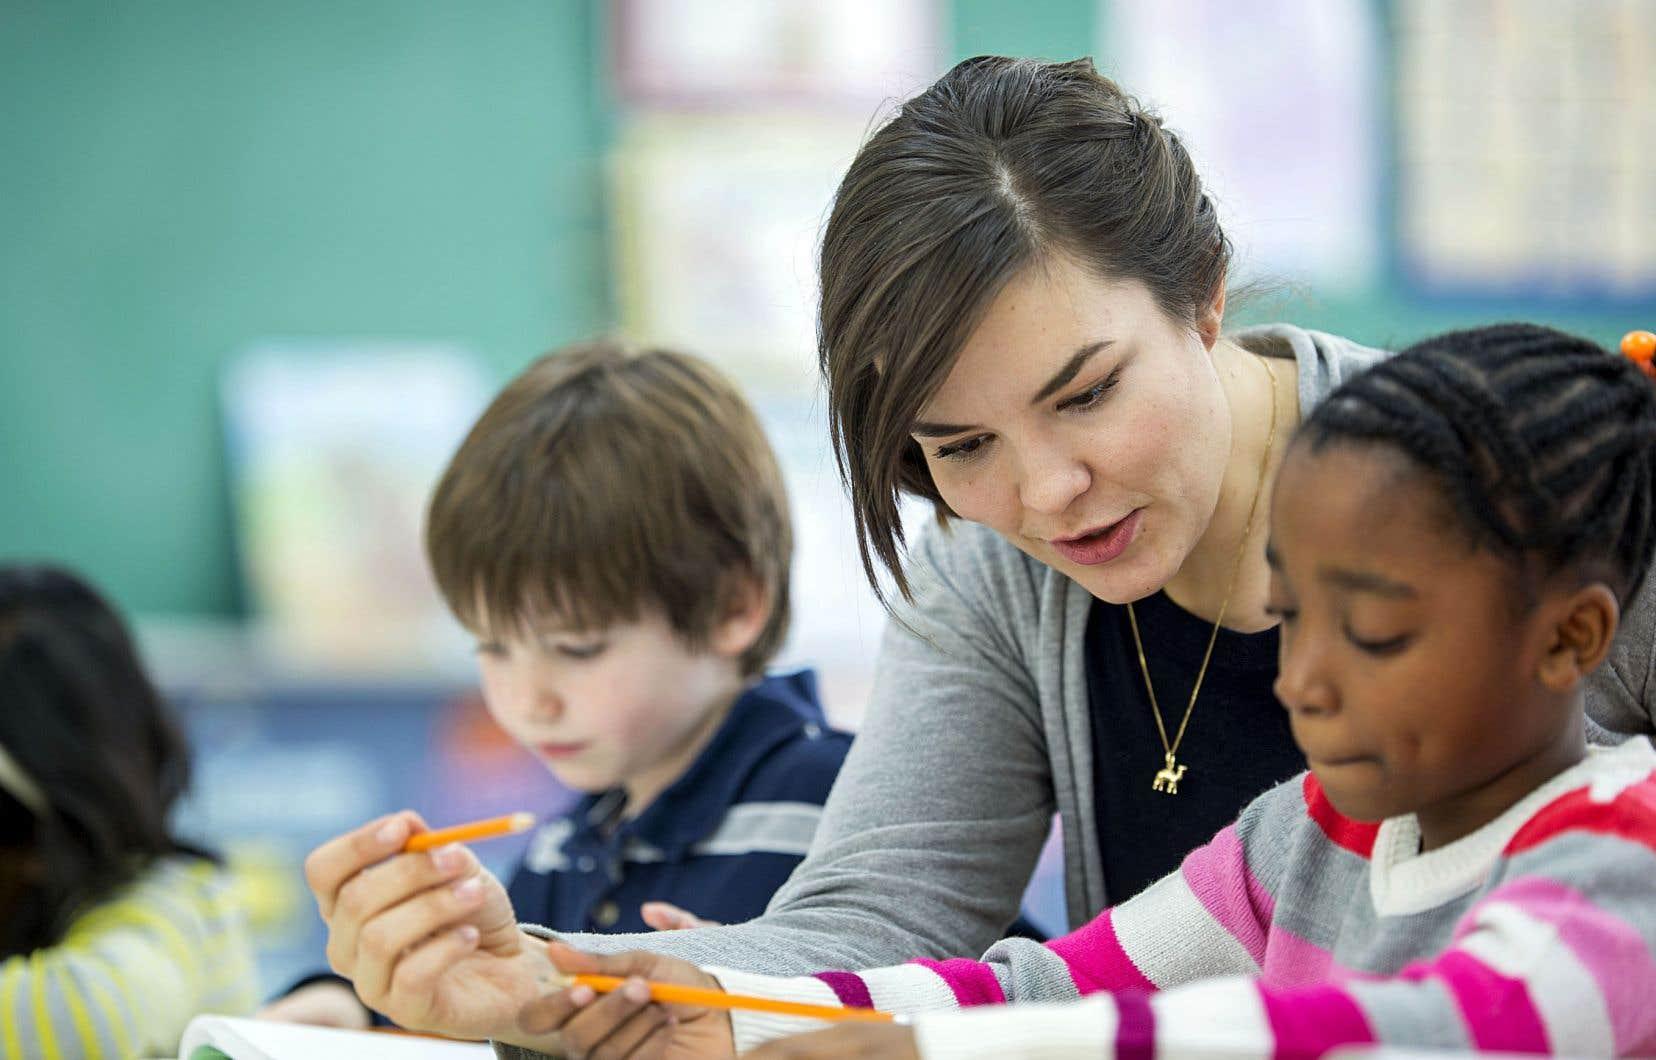 Au Québec, entre 25et 30% des enseignants décrochent dans la première année, et ce pourcentage monte à 50% dans les cinq premières années de carrière.